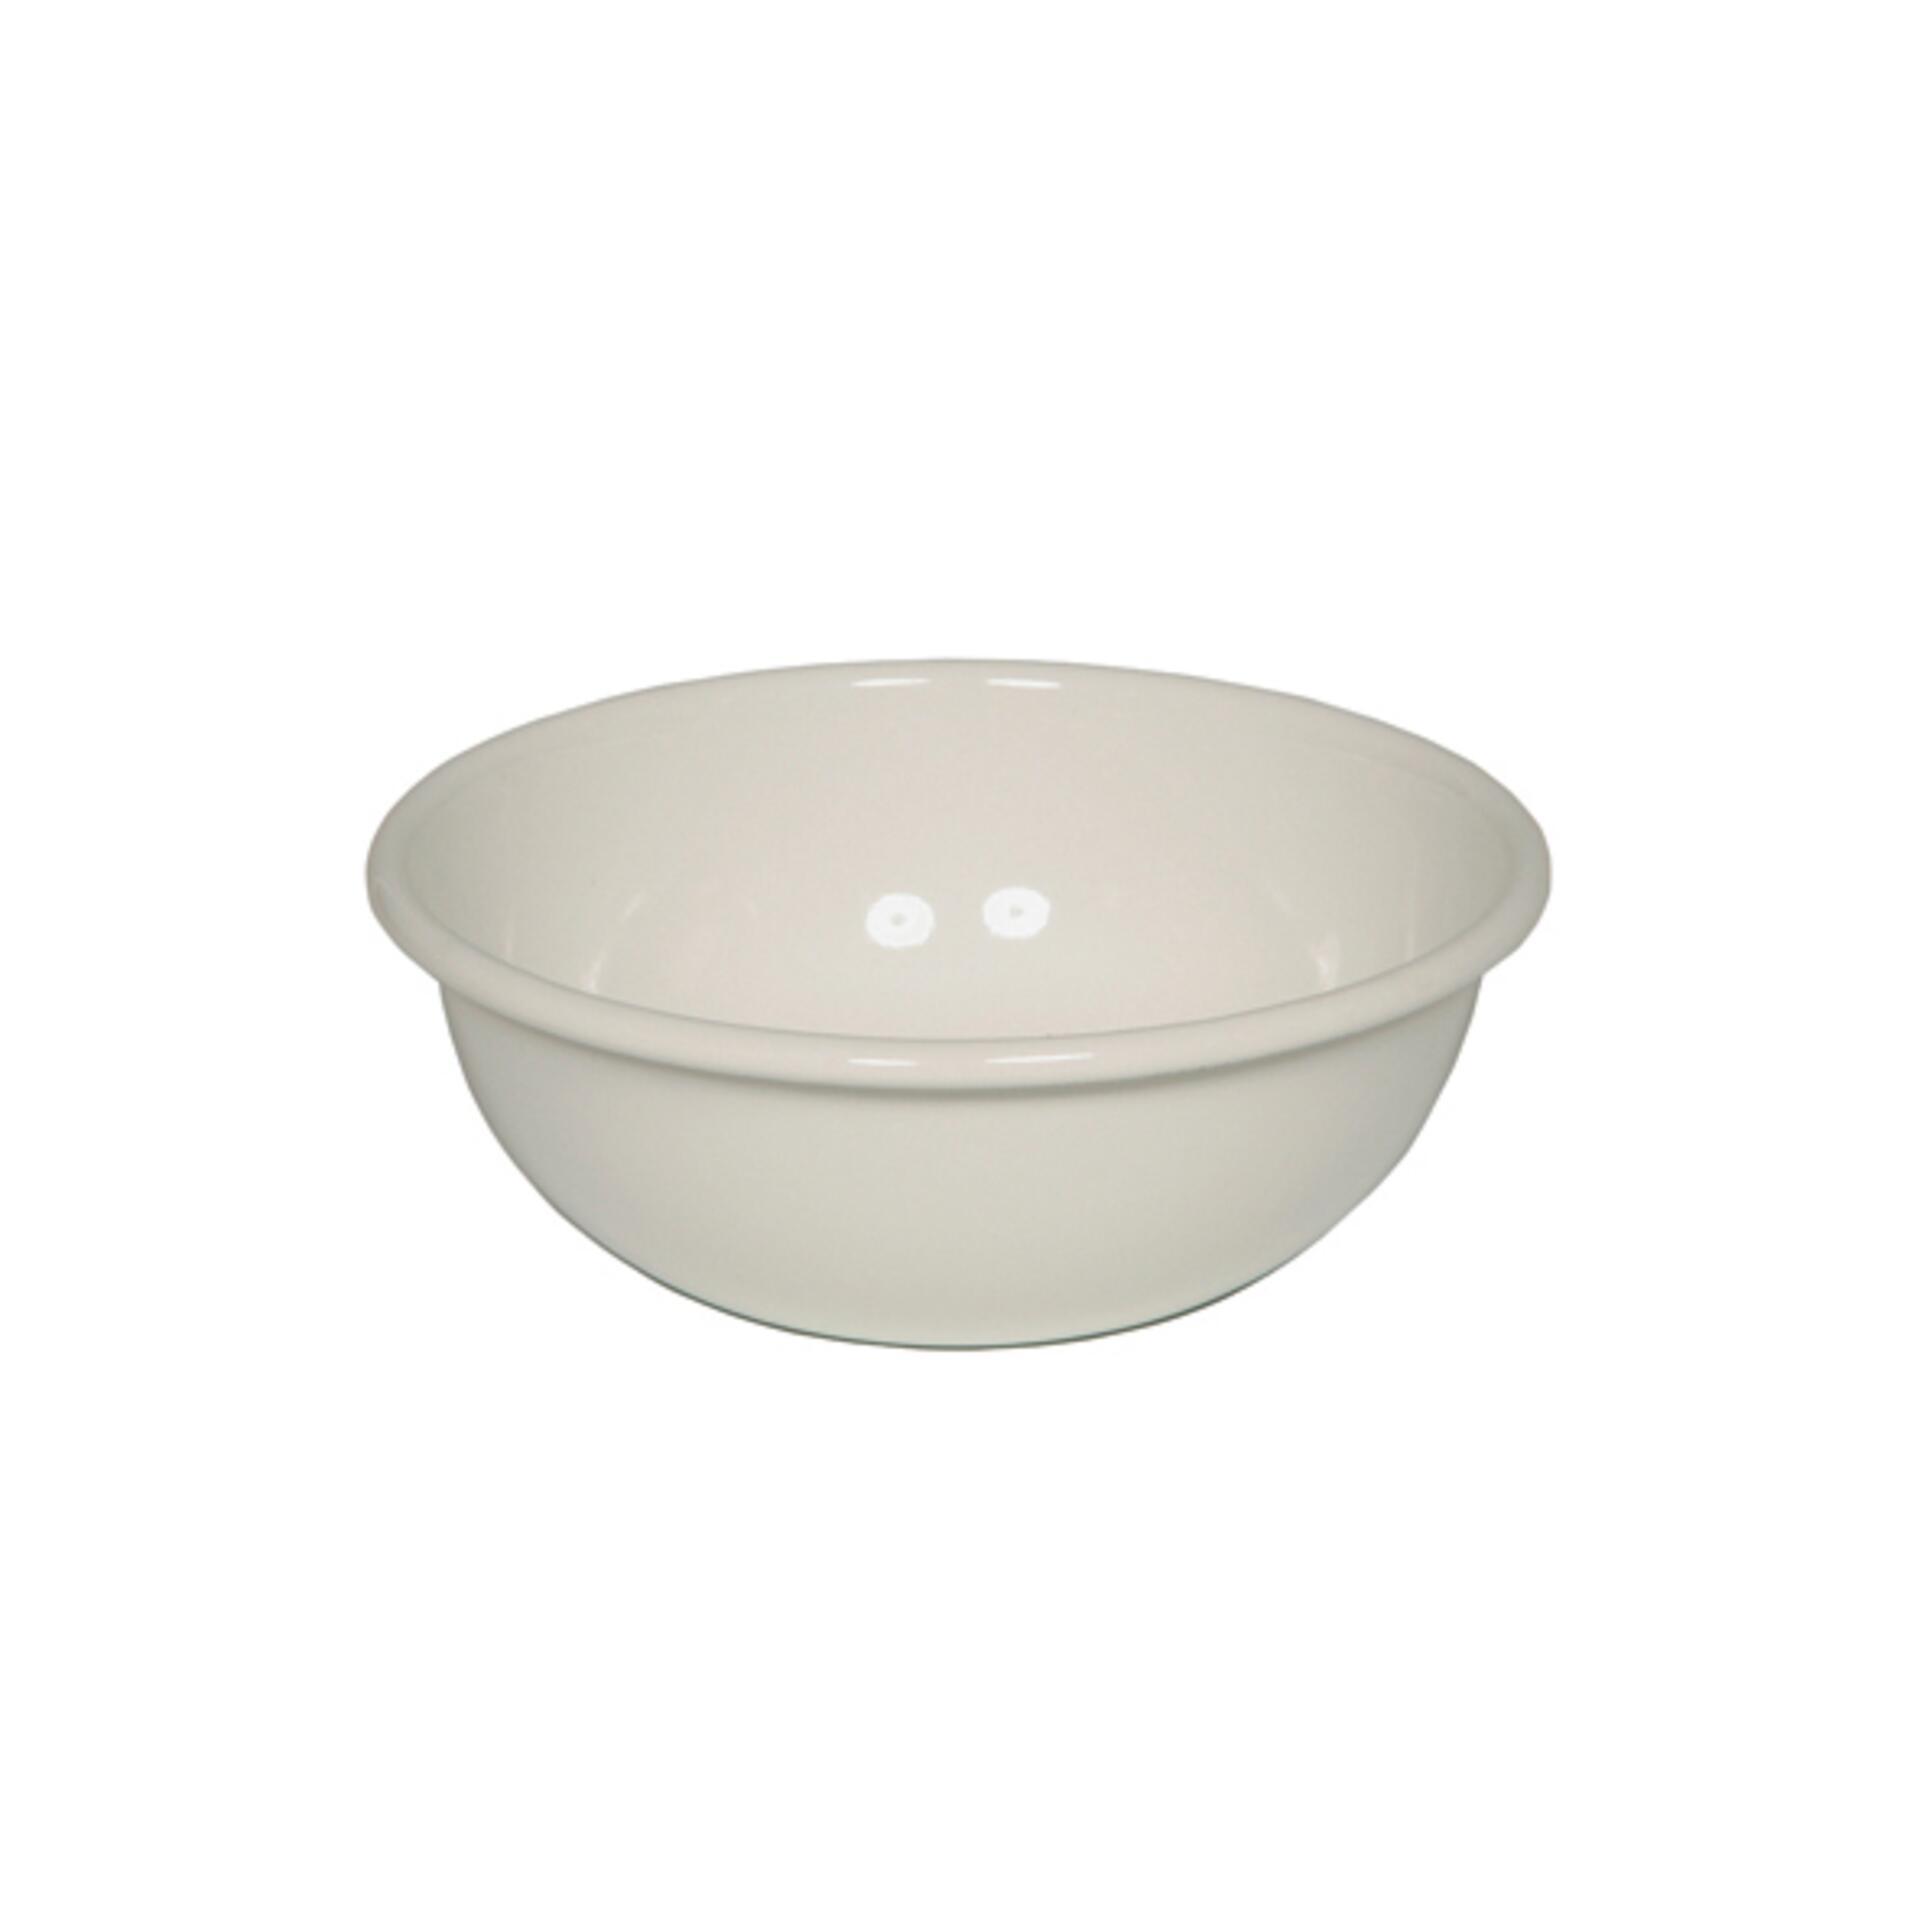 Riess Küchenschüssel 18 cm Weiß